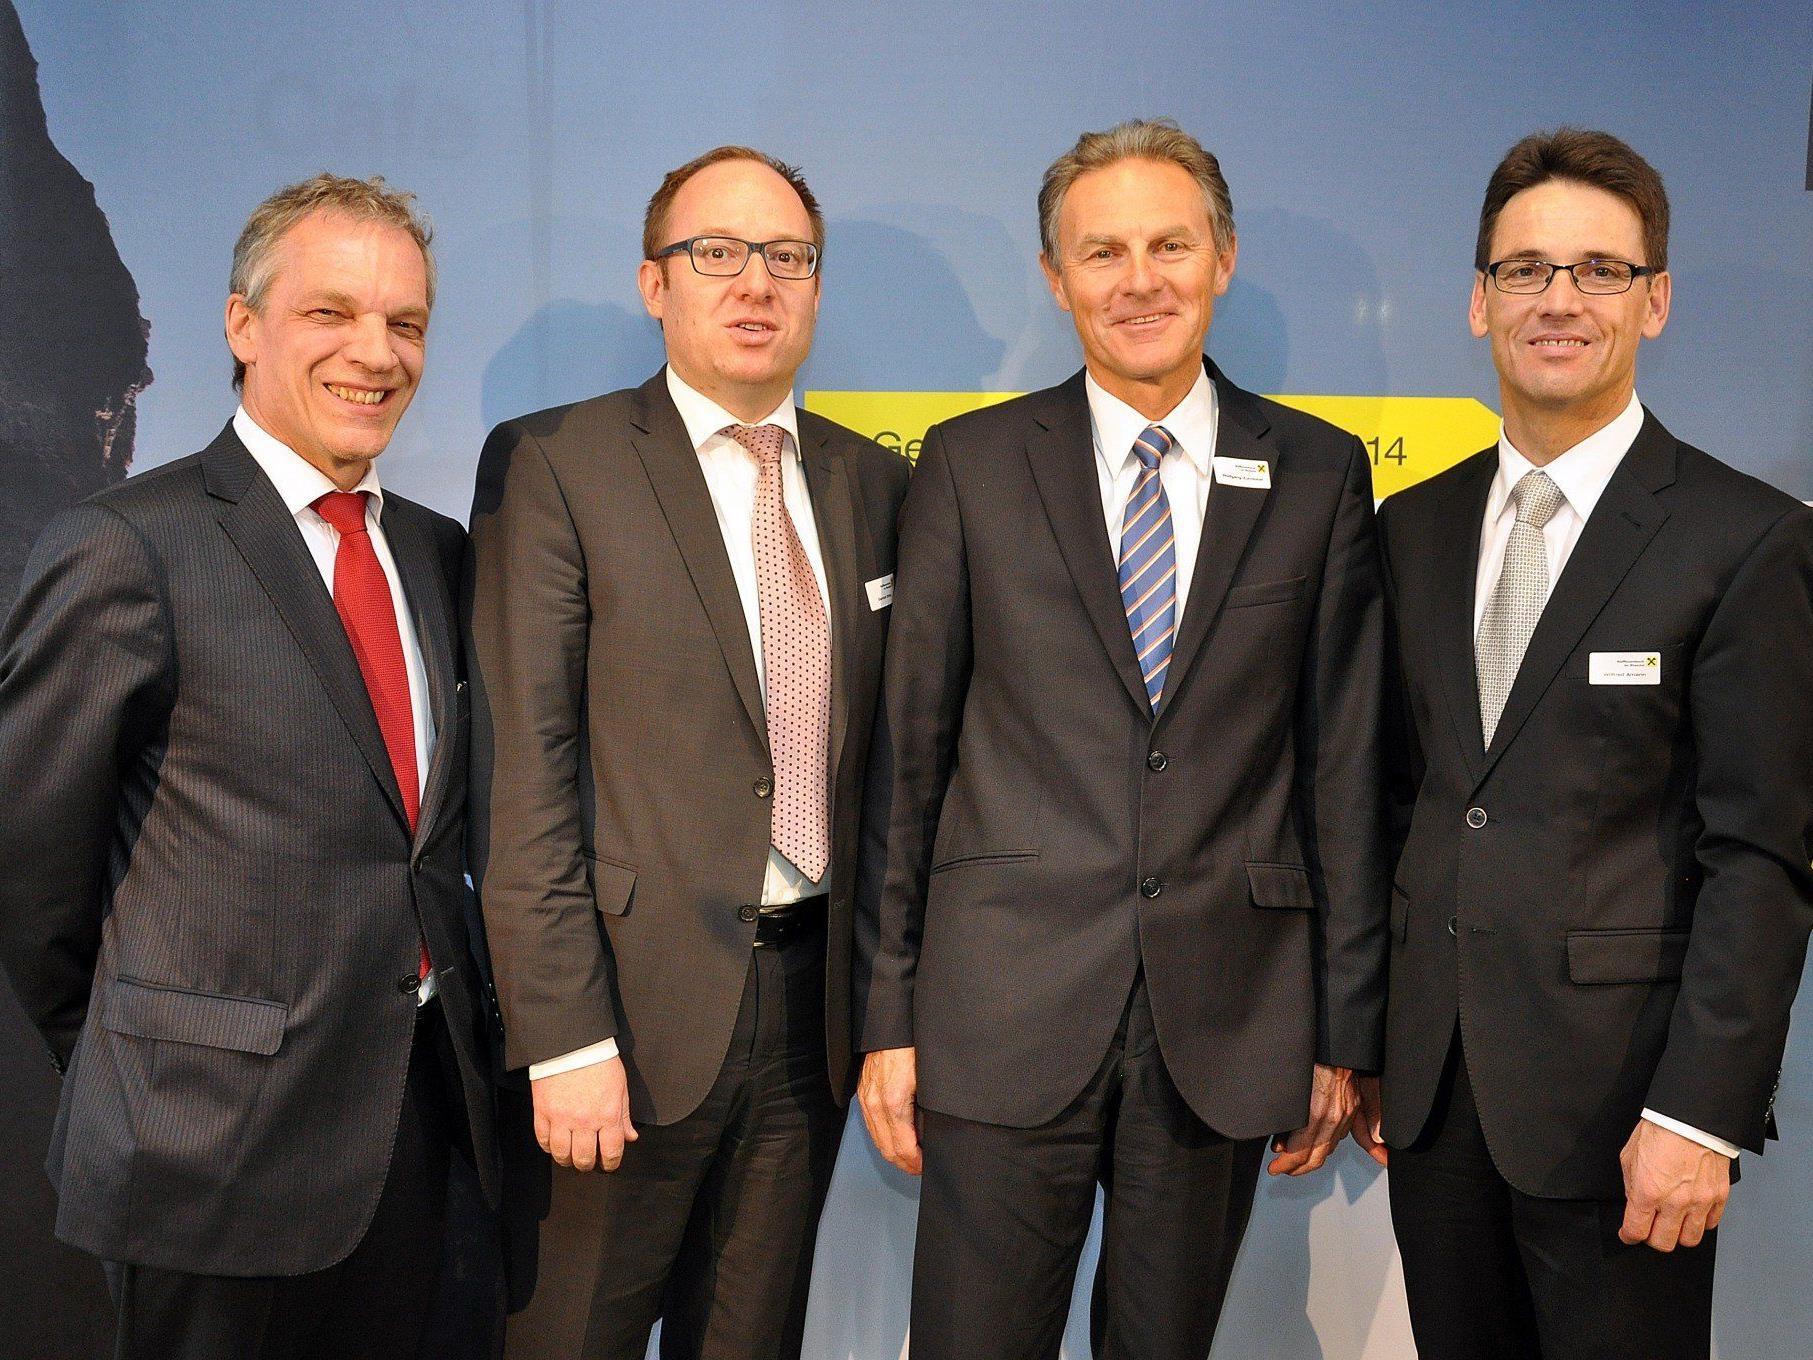 Aufsichtsrat und Vorstände der Raiffeisenbank Im Rheintal hatten zur Generalversammlung ins Reichshofstadion geladen.